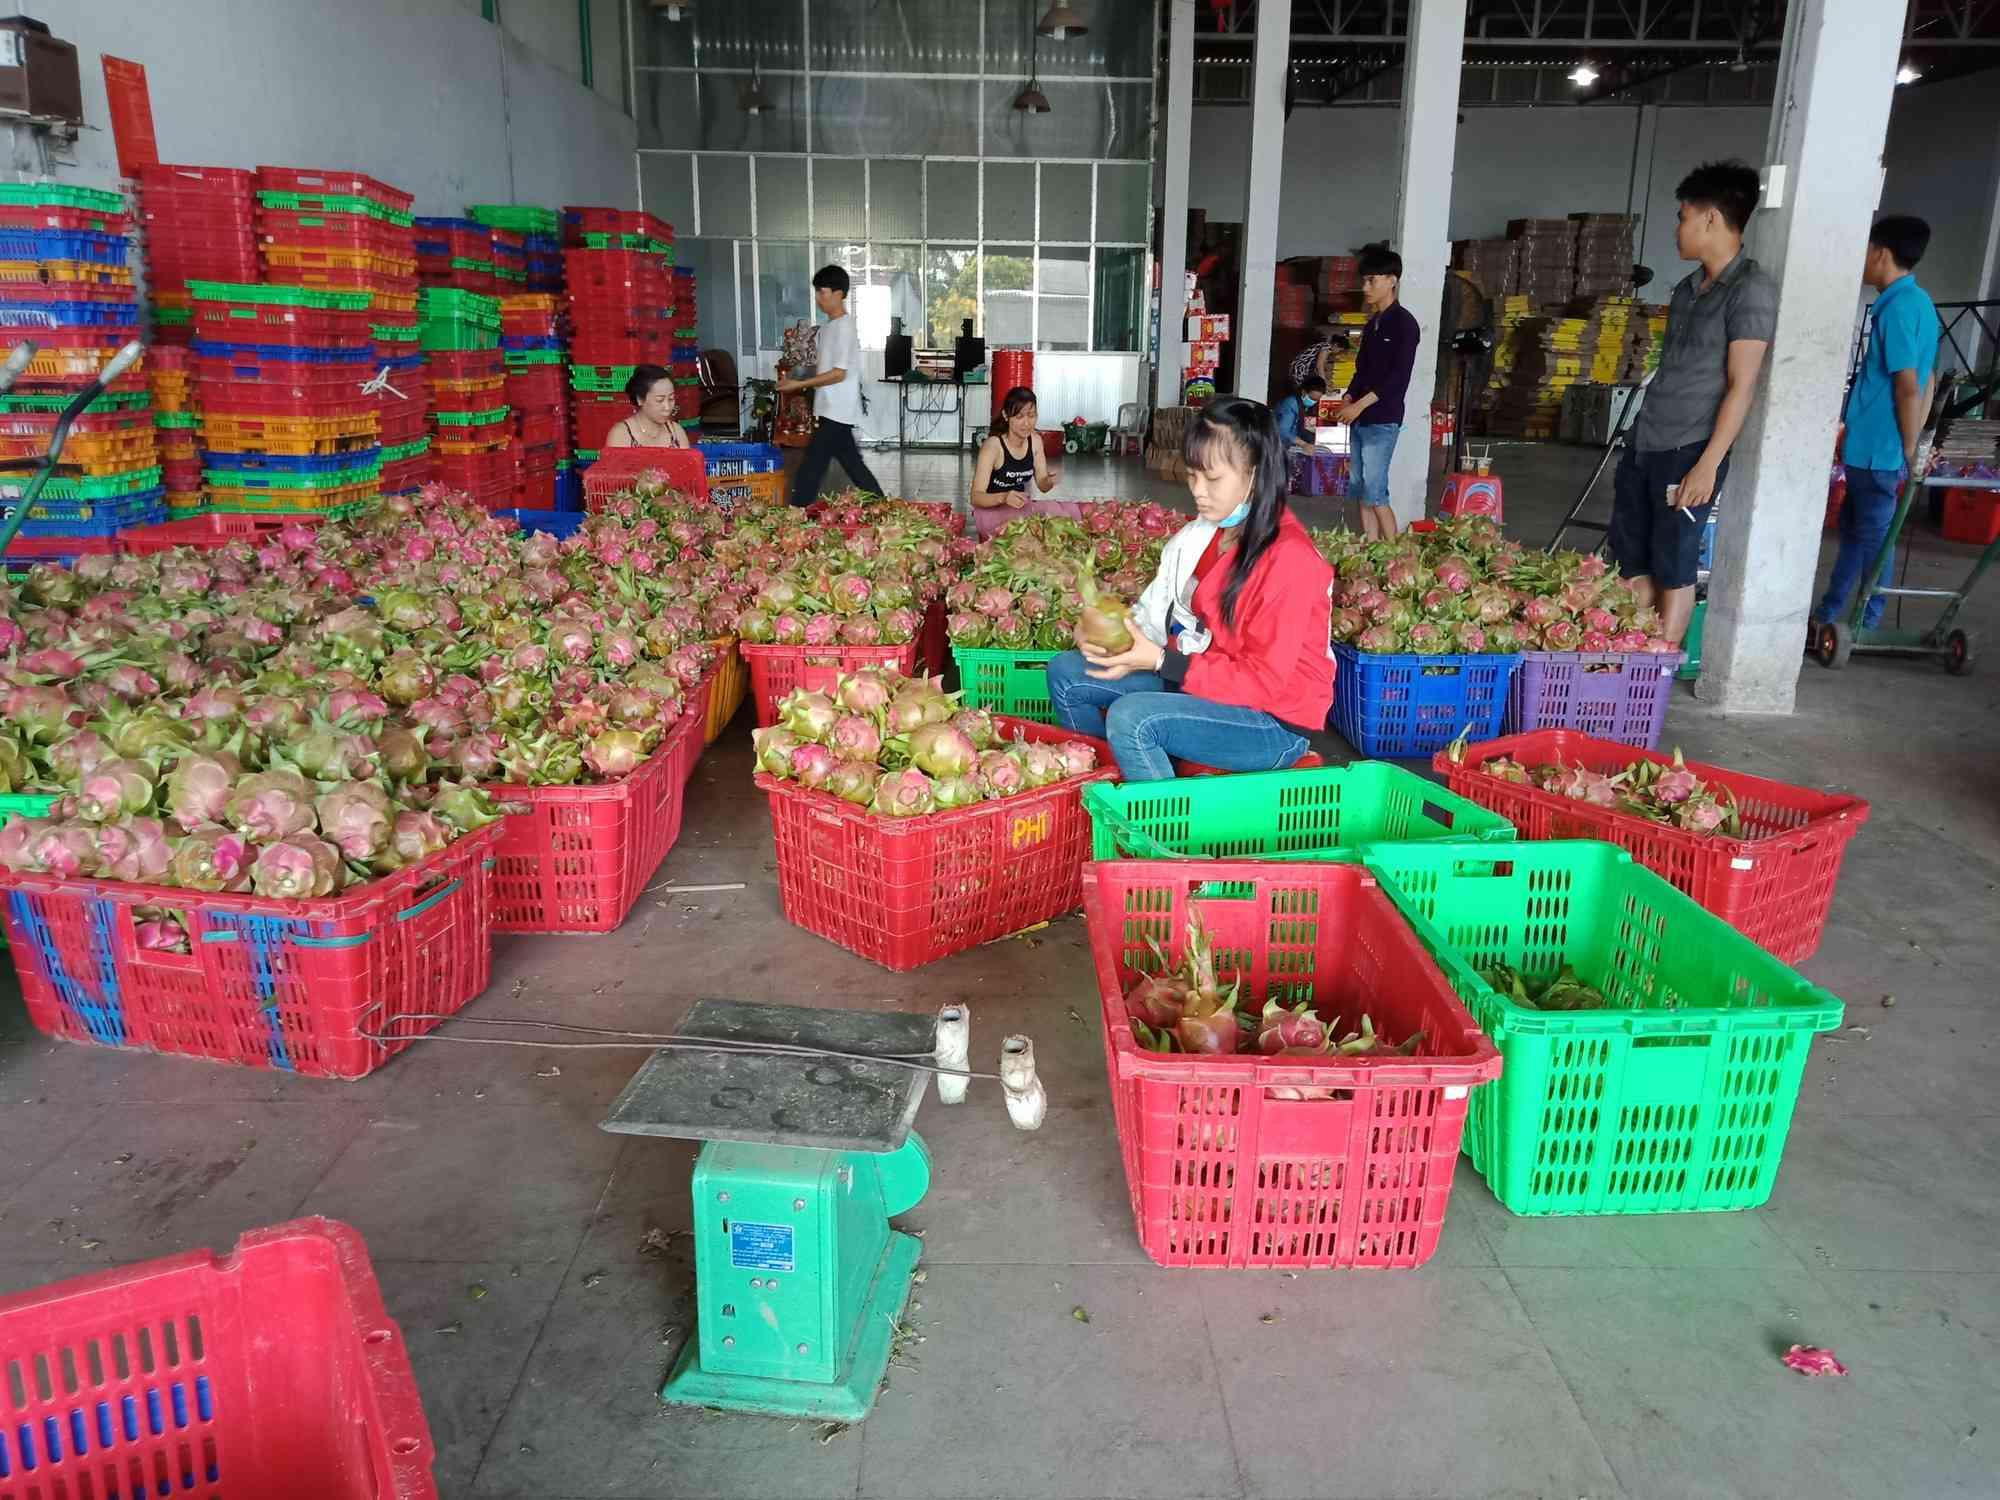 Thanh long, dưa hấu rớt giá còn 6.000 đồng/kg vì thị trường Trung Quốc bấp bênh - 2